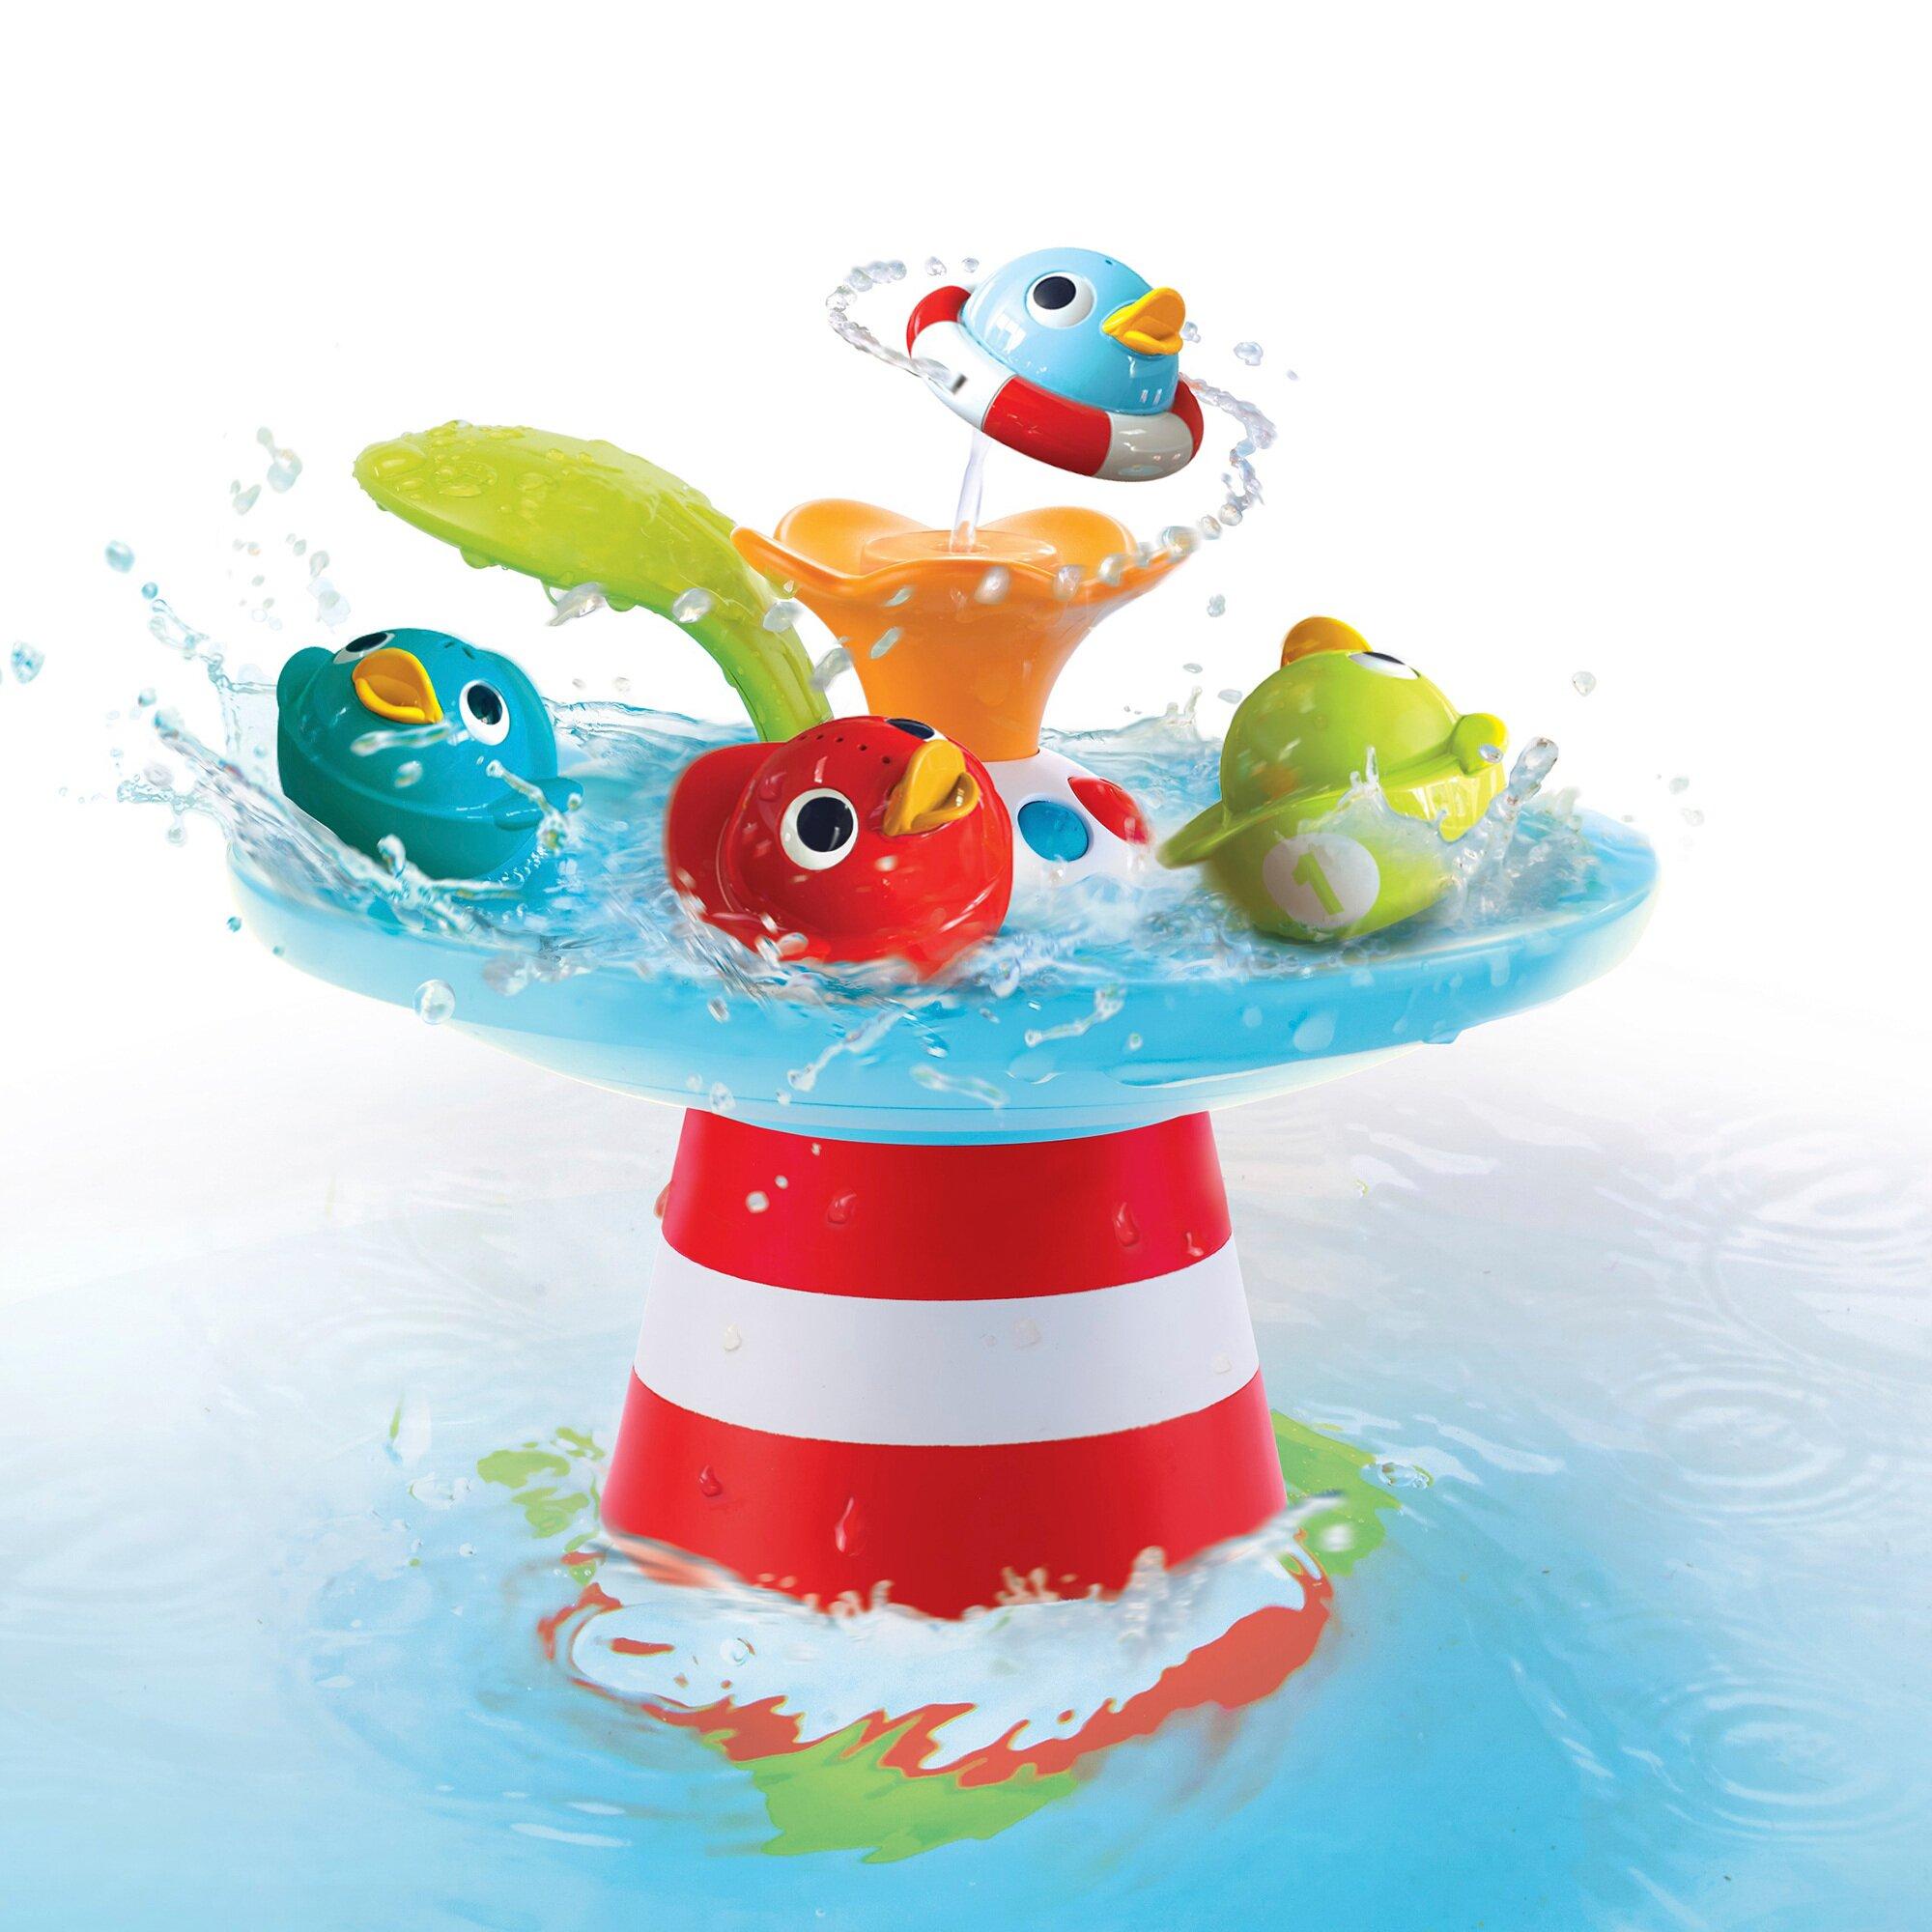 Yookidoo Badespielzeug Entenrennen